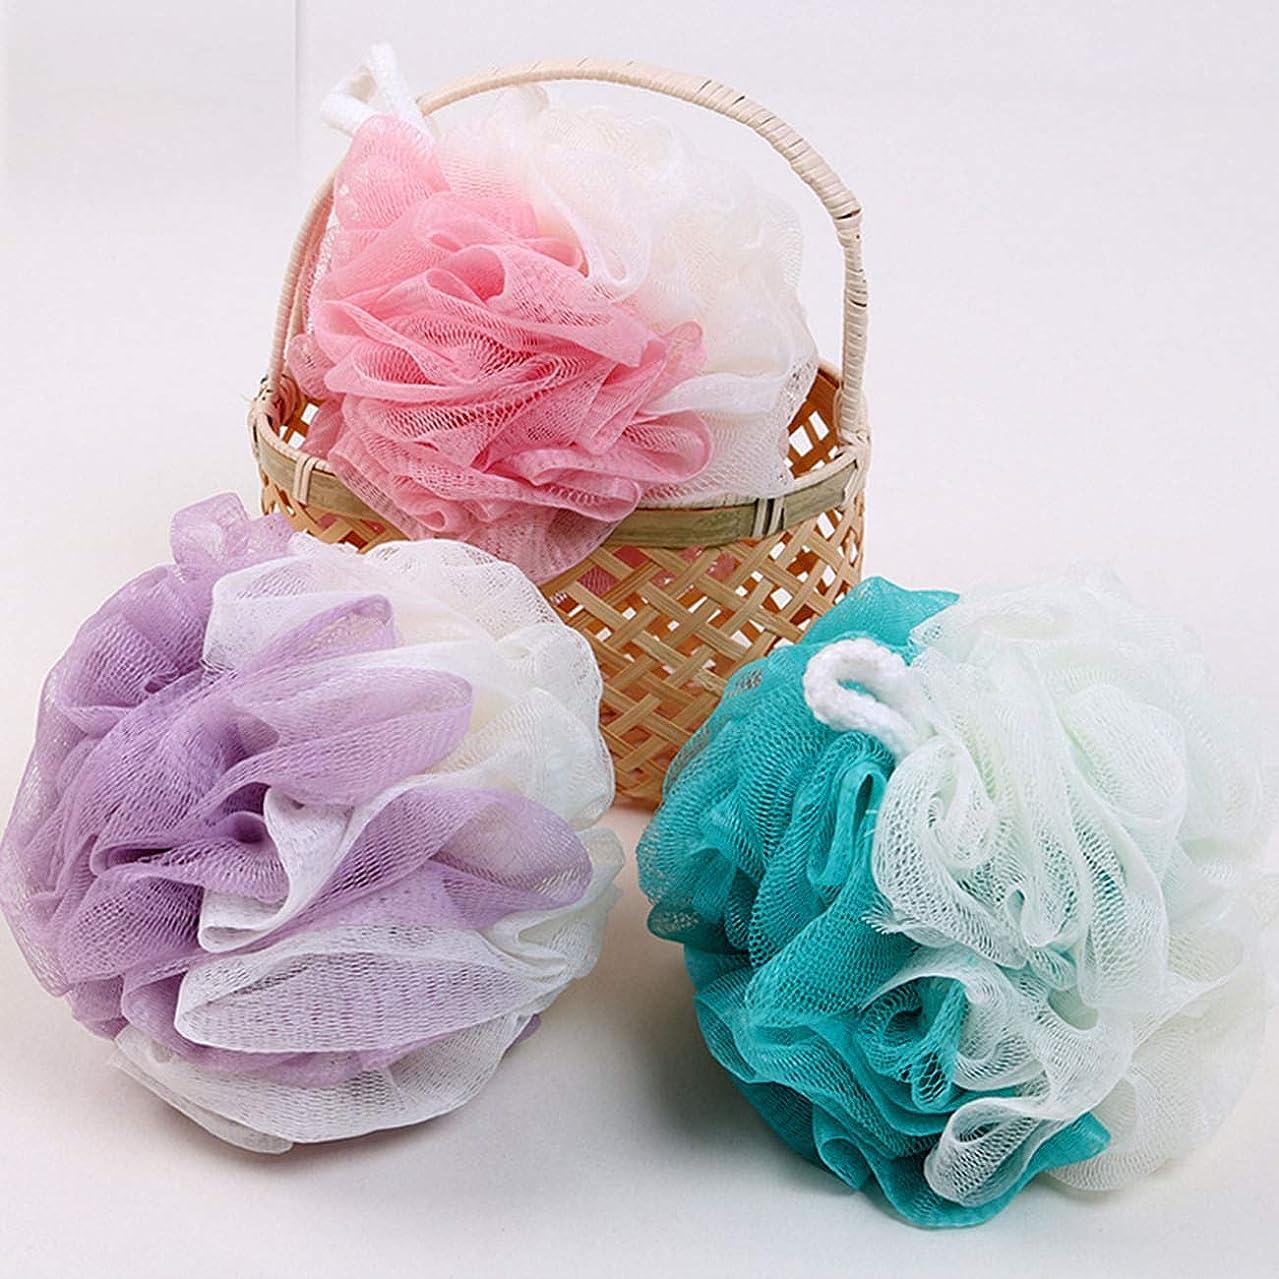 クロニクルしないでください朝ボディウォッシュボール 泡立てネット スポンジ フラワーボール 超柔軟 シャワー用 風呂 浴室 3 個入 (3 個入, Pink + Purple + Blue)